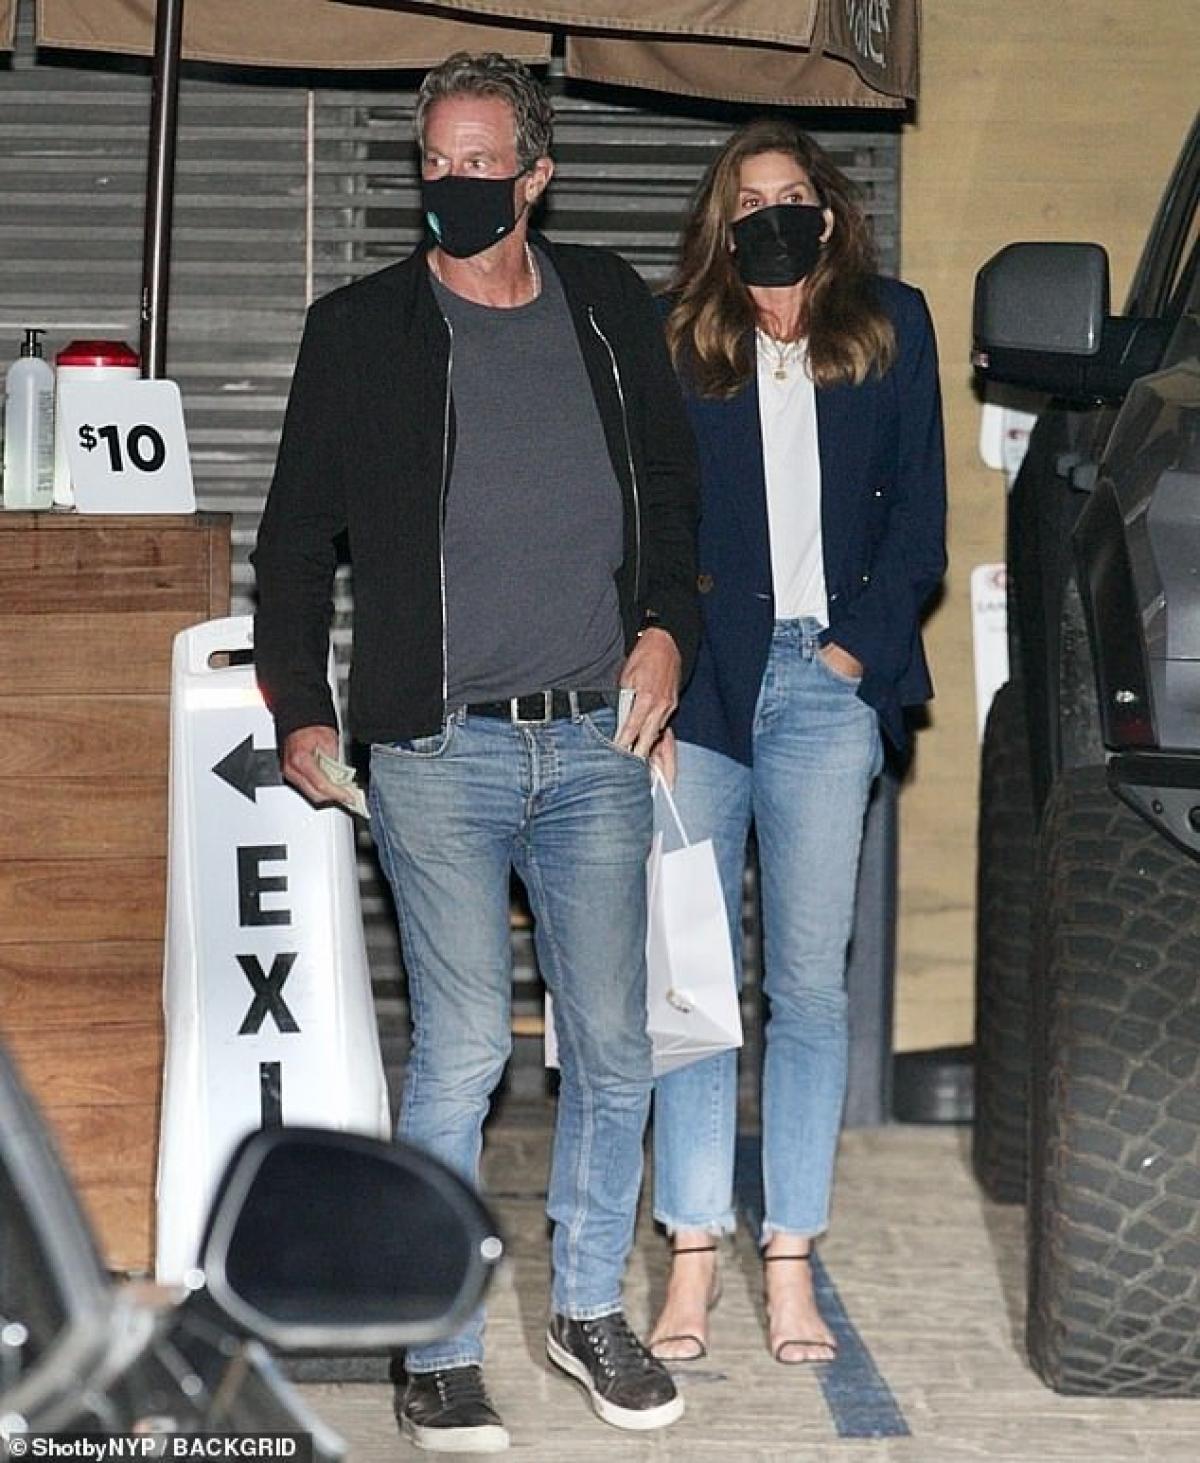 Cindy Crawford và ông xã Rande Gerber hẹn hò lãng mạn lúc tối muộn ở Malibu hôm 12/4, theo giờ địa phương.